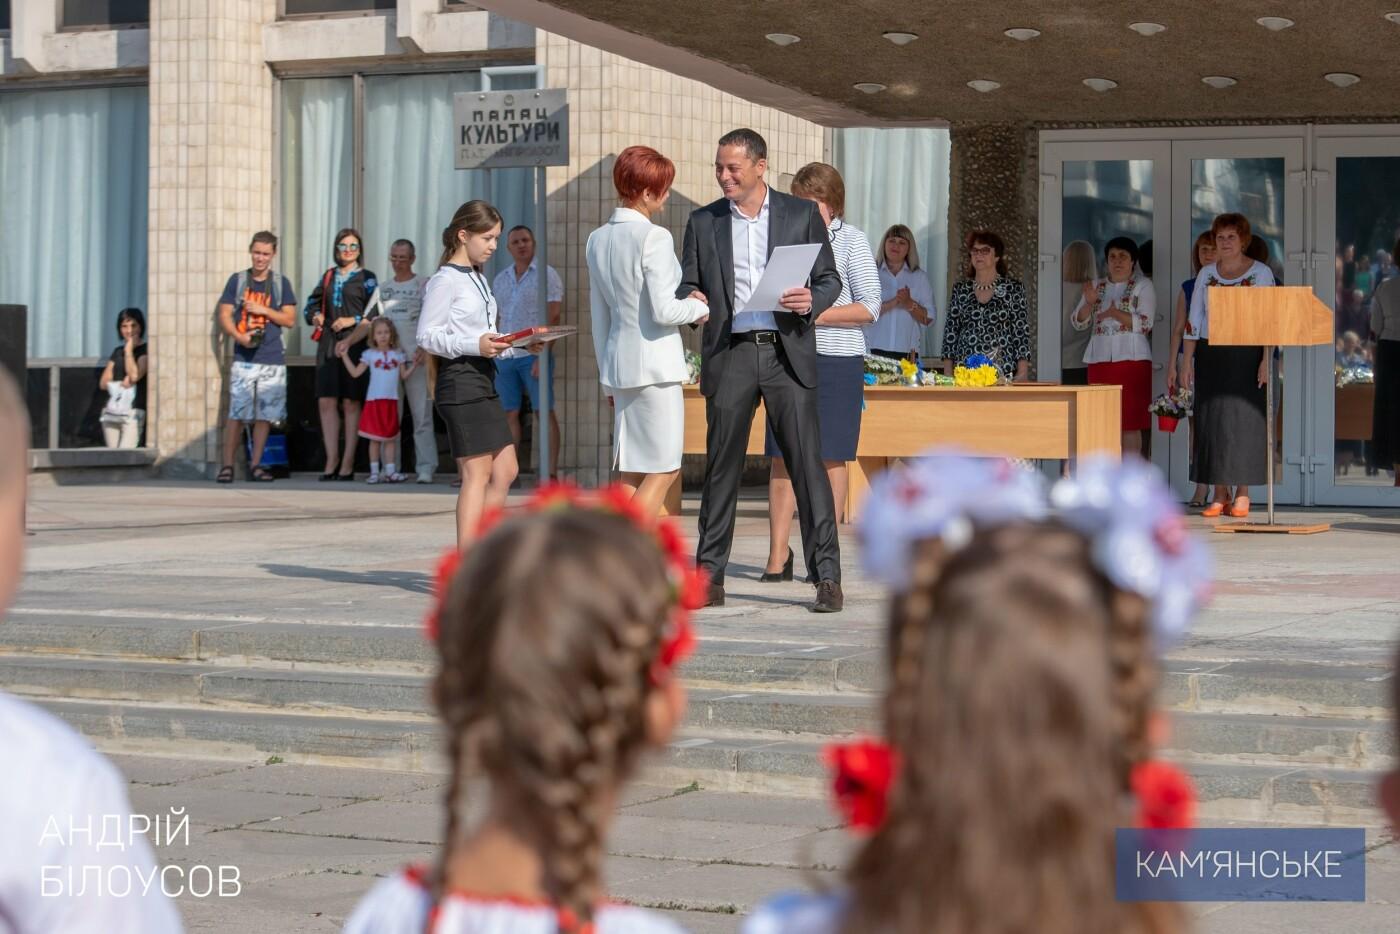 Мэр Каменского поздравил с Днем знаний учеников школы №20, фото-2